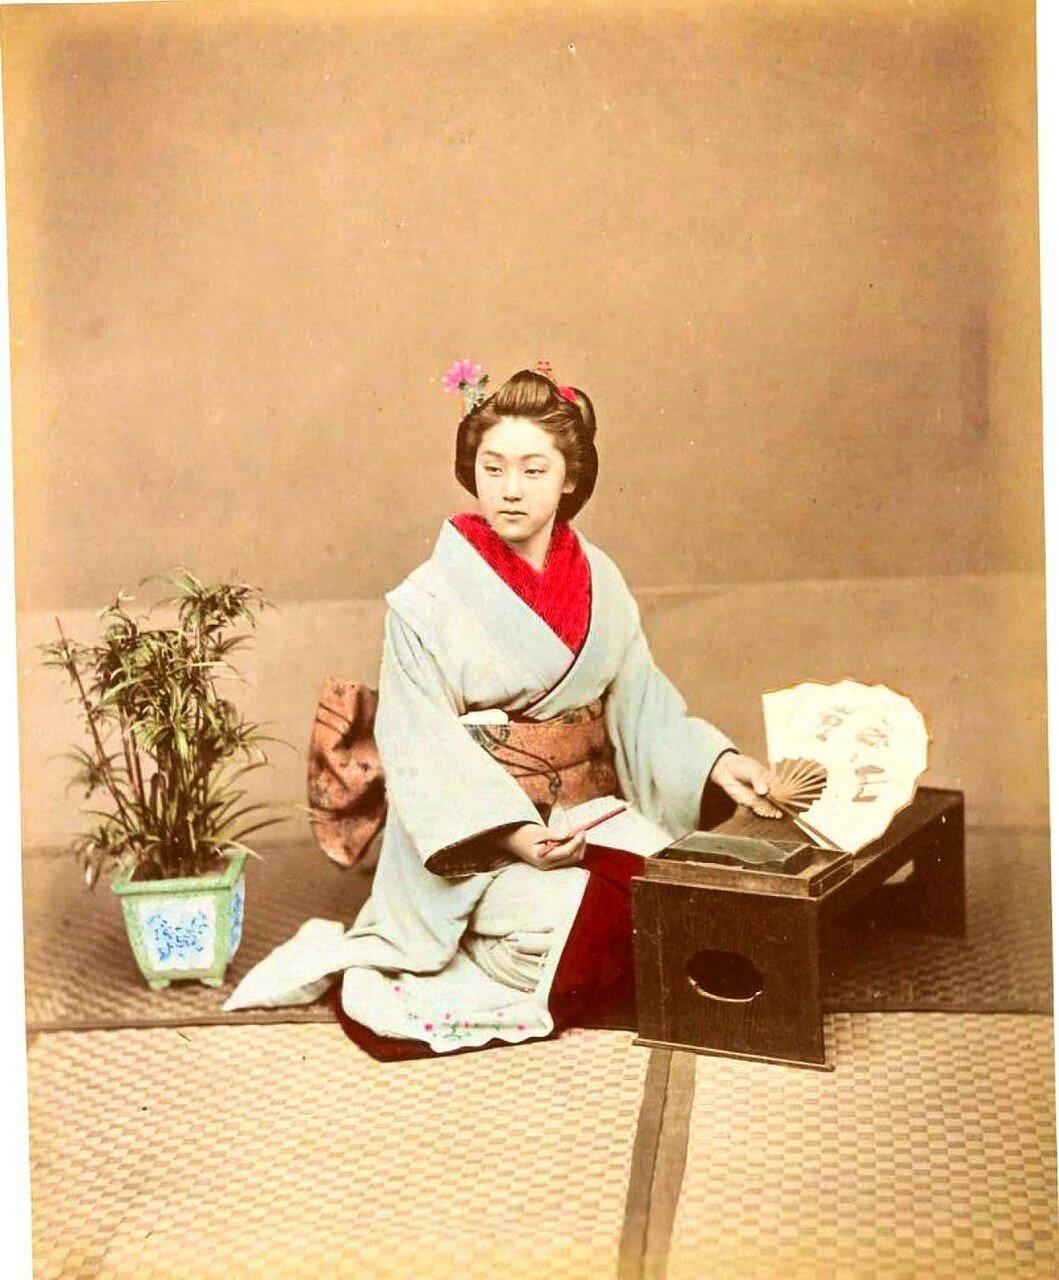 Женщина с веером и кисточкой для письма